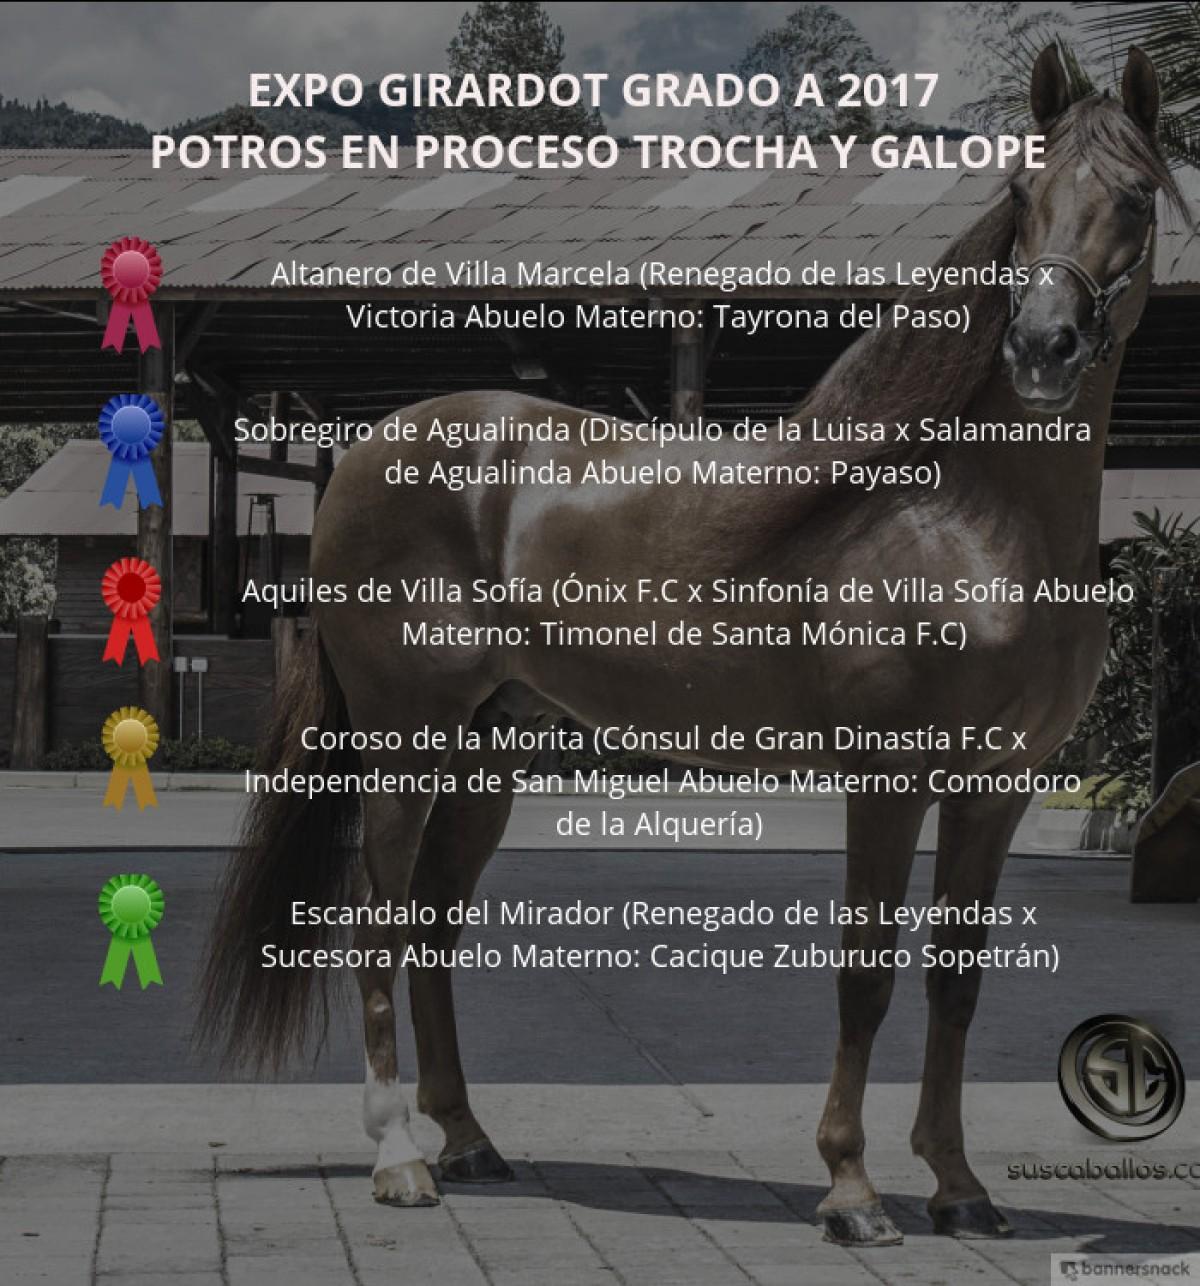 VÍDEO: Altanero Mejor, Sobregiro 1P, Potros Trocha Y Galope, Expo Girardot 2017